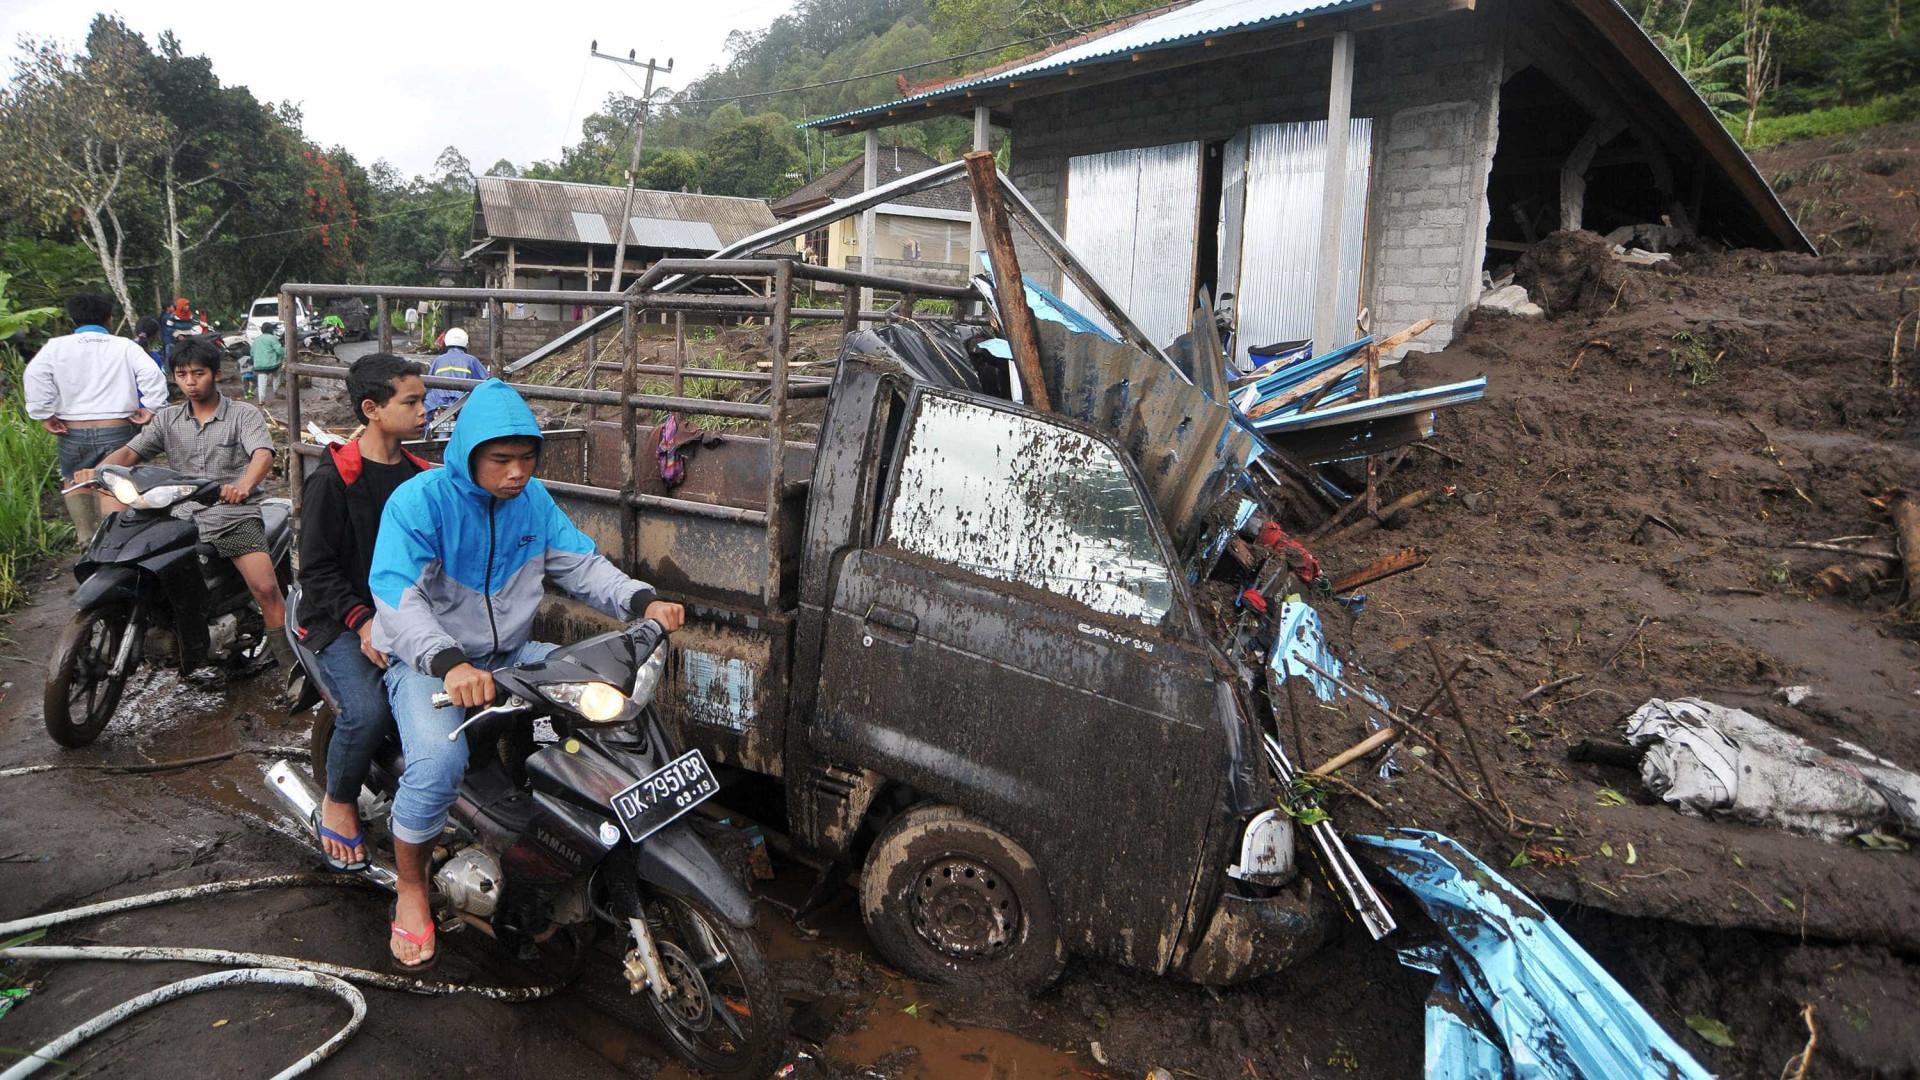 Deslizamentos de terras em Bali fizeram 12 mortos, incluindo crianças